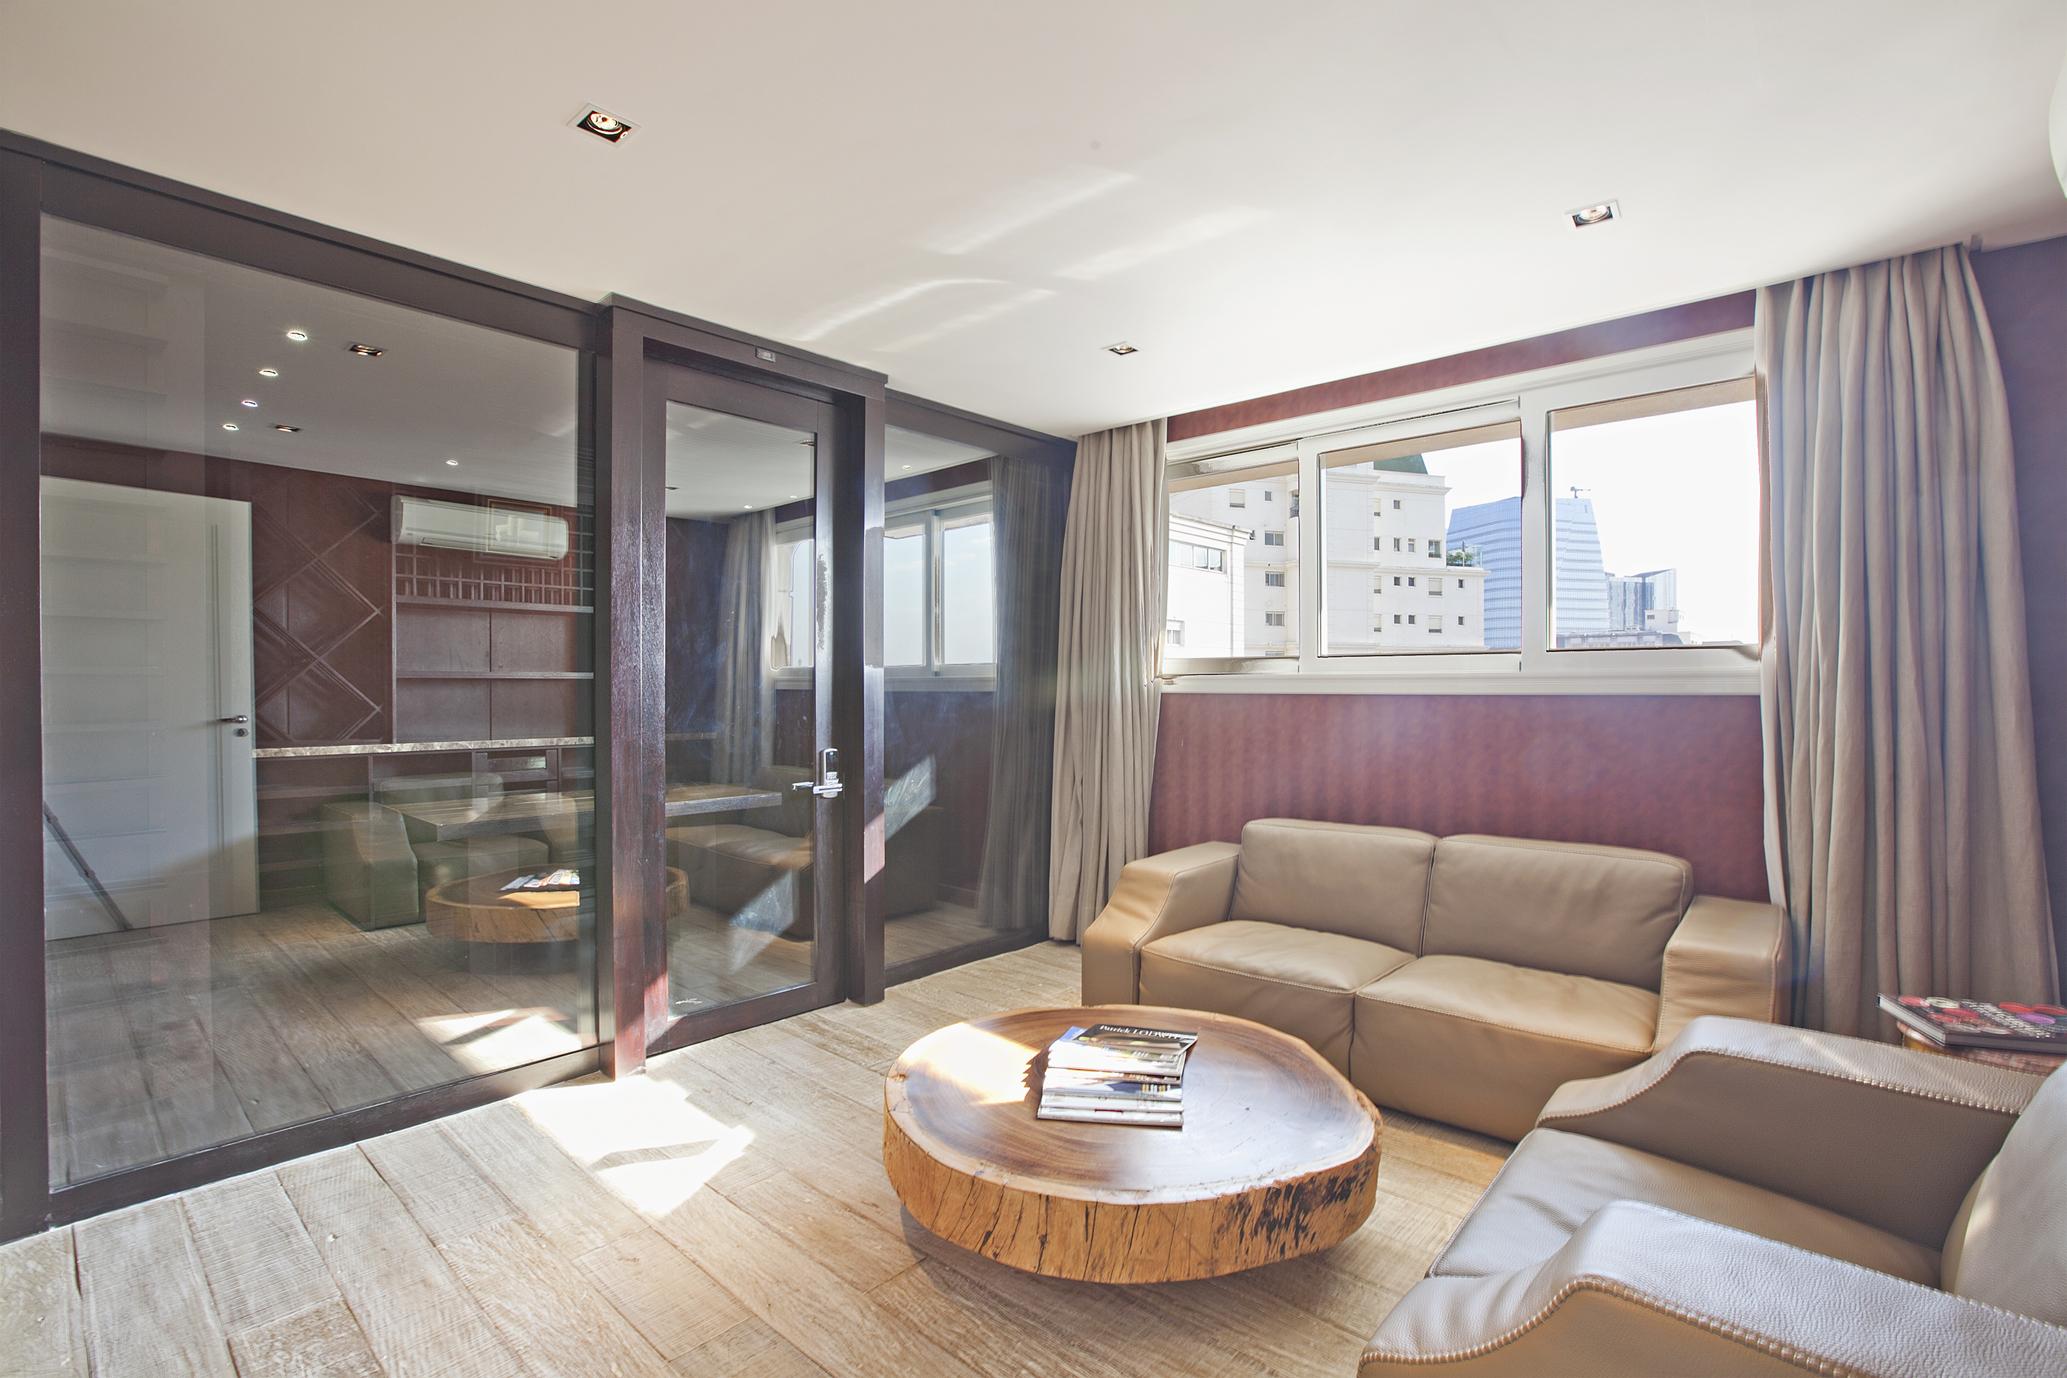 단독 가정 주택 용 매매 에 Chateau Latour Rua Leopoldo Couto de Magalhaes Junior Sao Paulo, 상파울로, 04542001 브라질